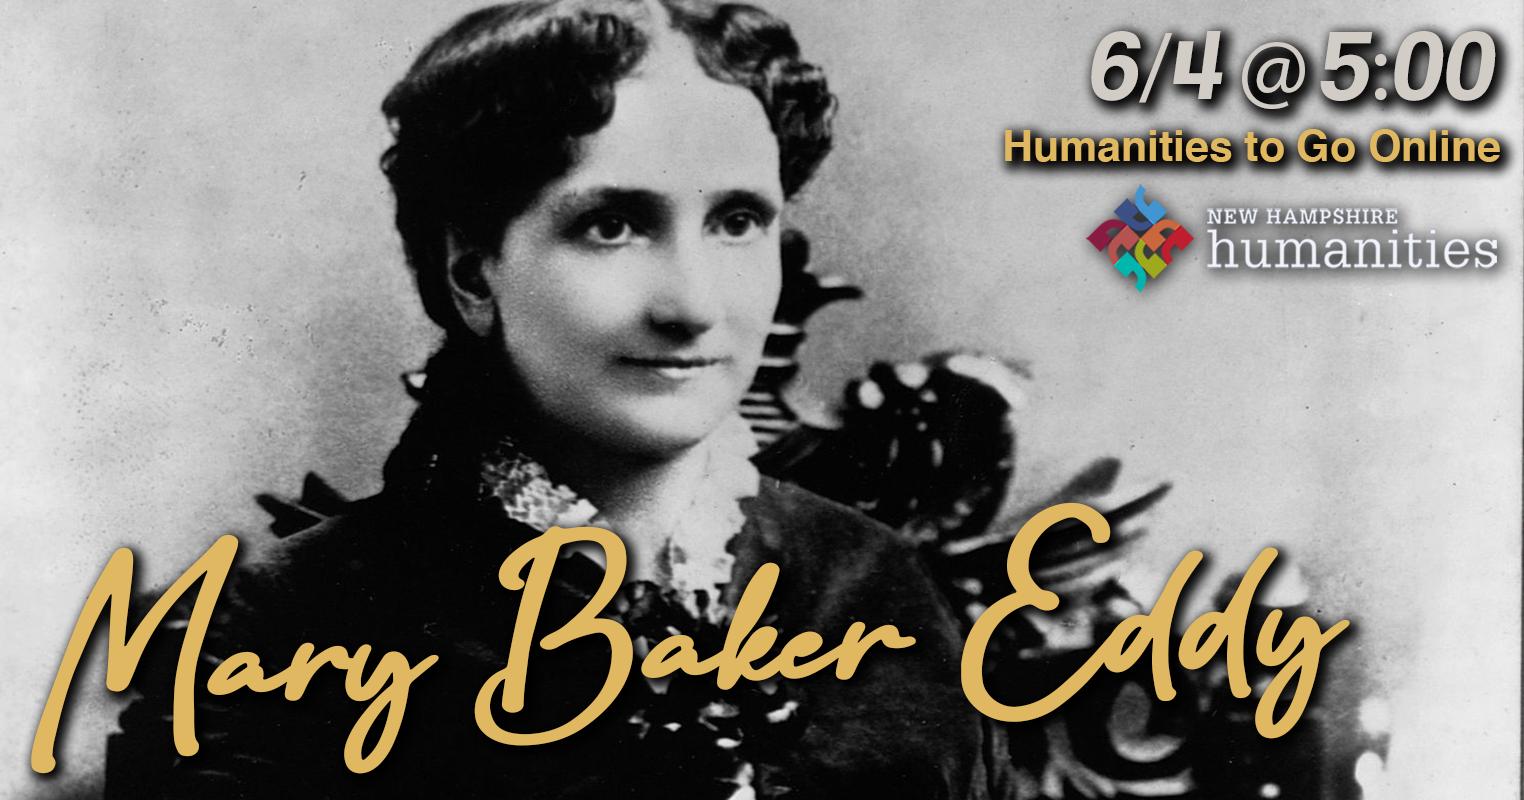 Mary Baker Eddy - HTG Online